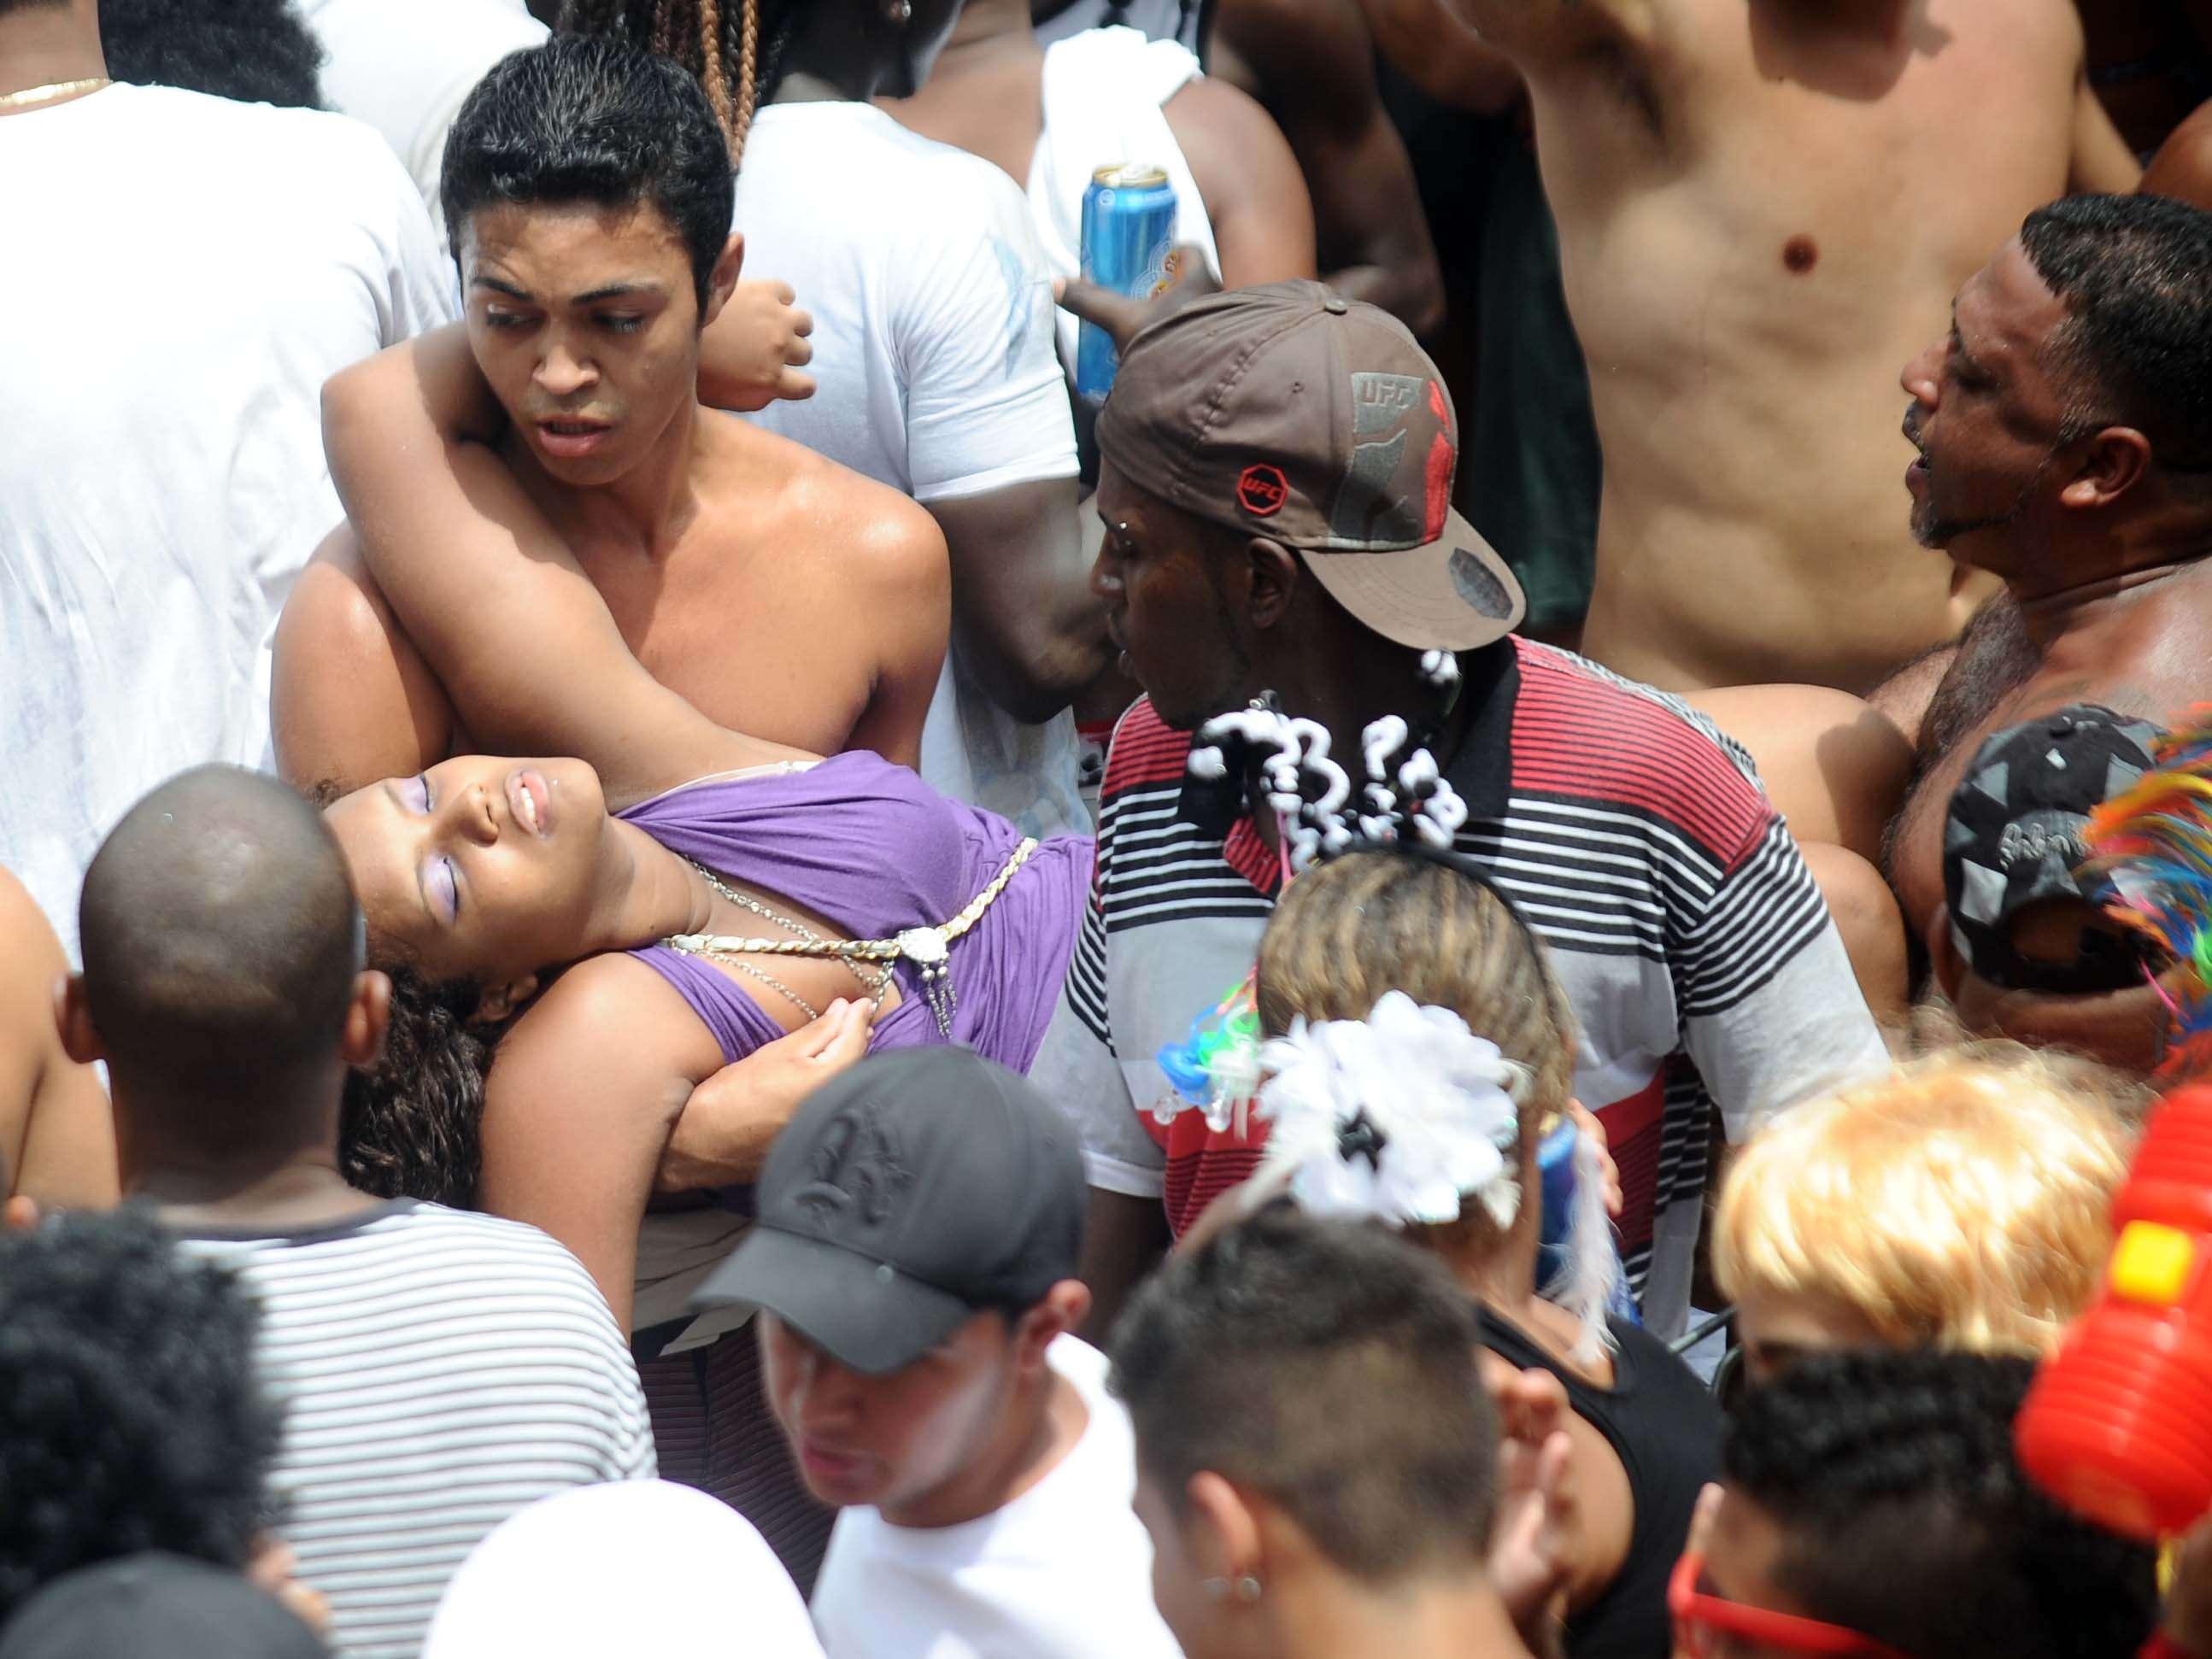 Muitas pessoas tiveram de ser atendidas pelas ambulâncias da secretaria municipal de saúde que estavam no local Foto: Mauro Pimentel/Terra